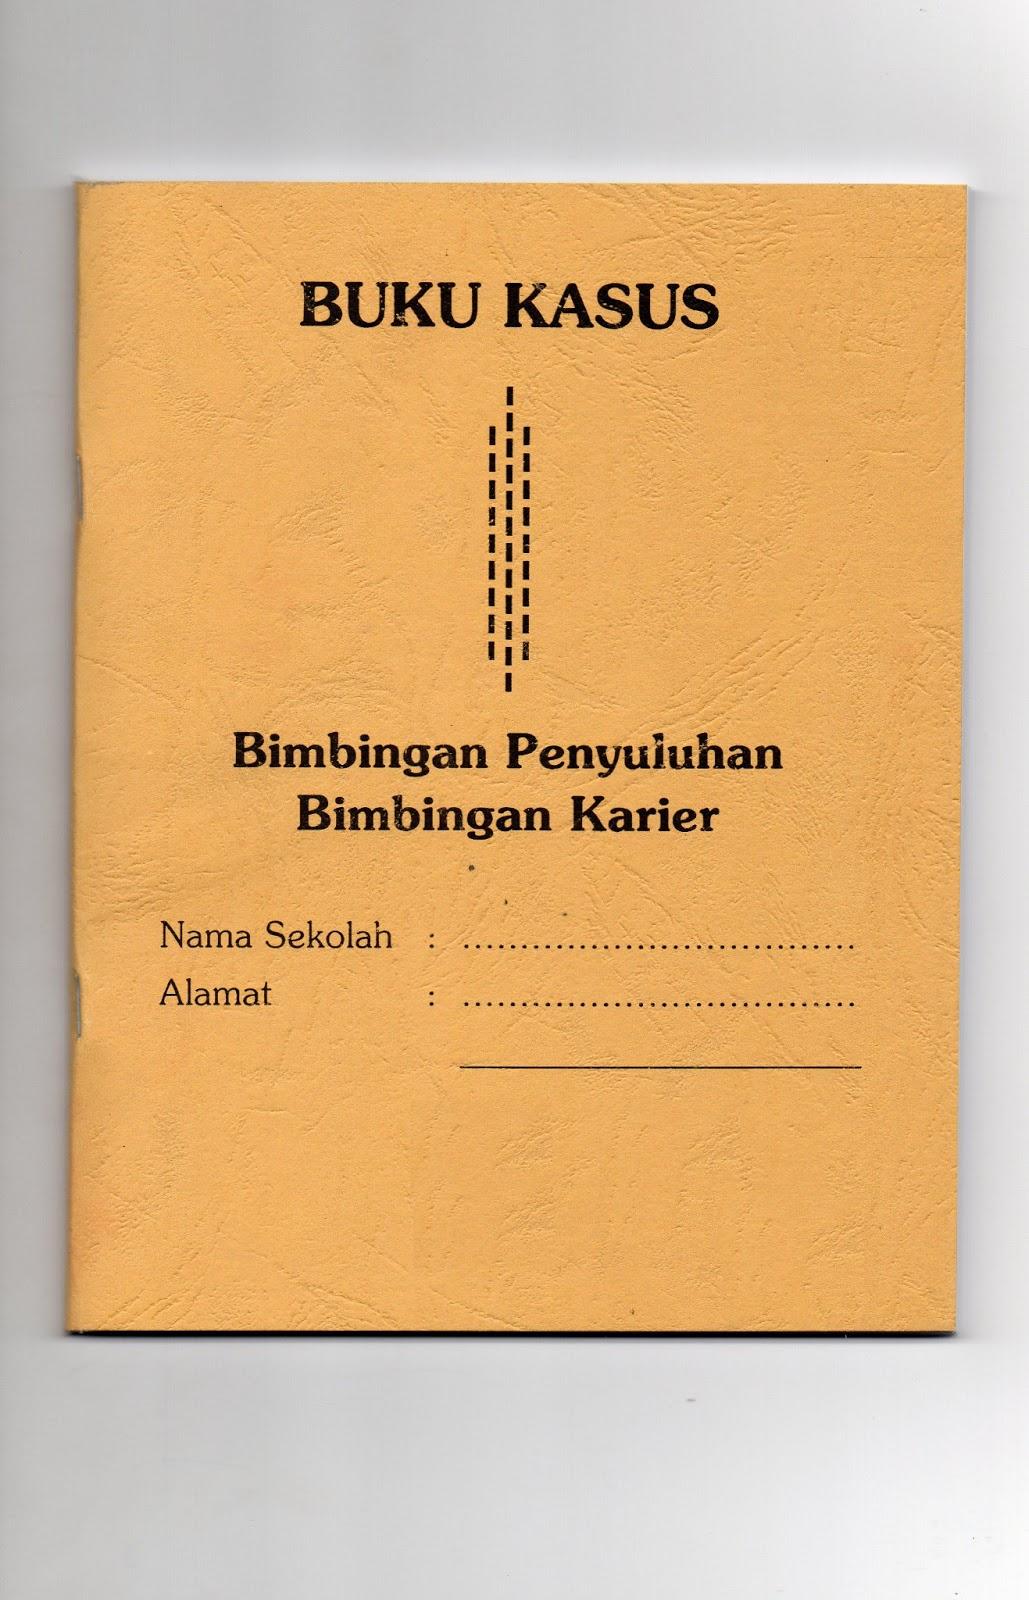 Buku Kegiatan Ekstrakurikuler Buku Daftar Siswa Melanjutkan Ke SLTP ...